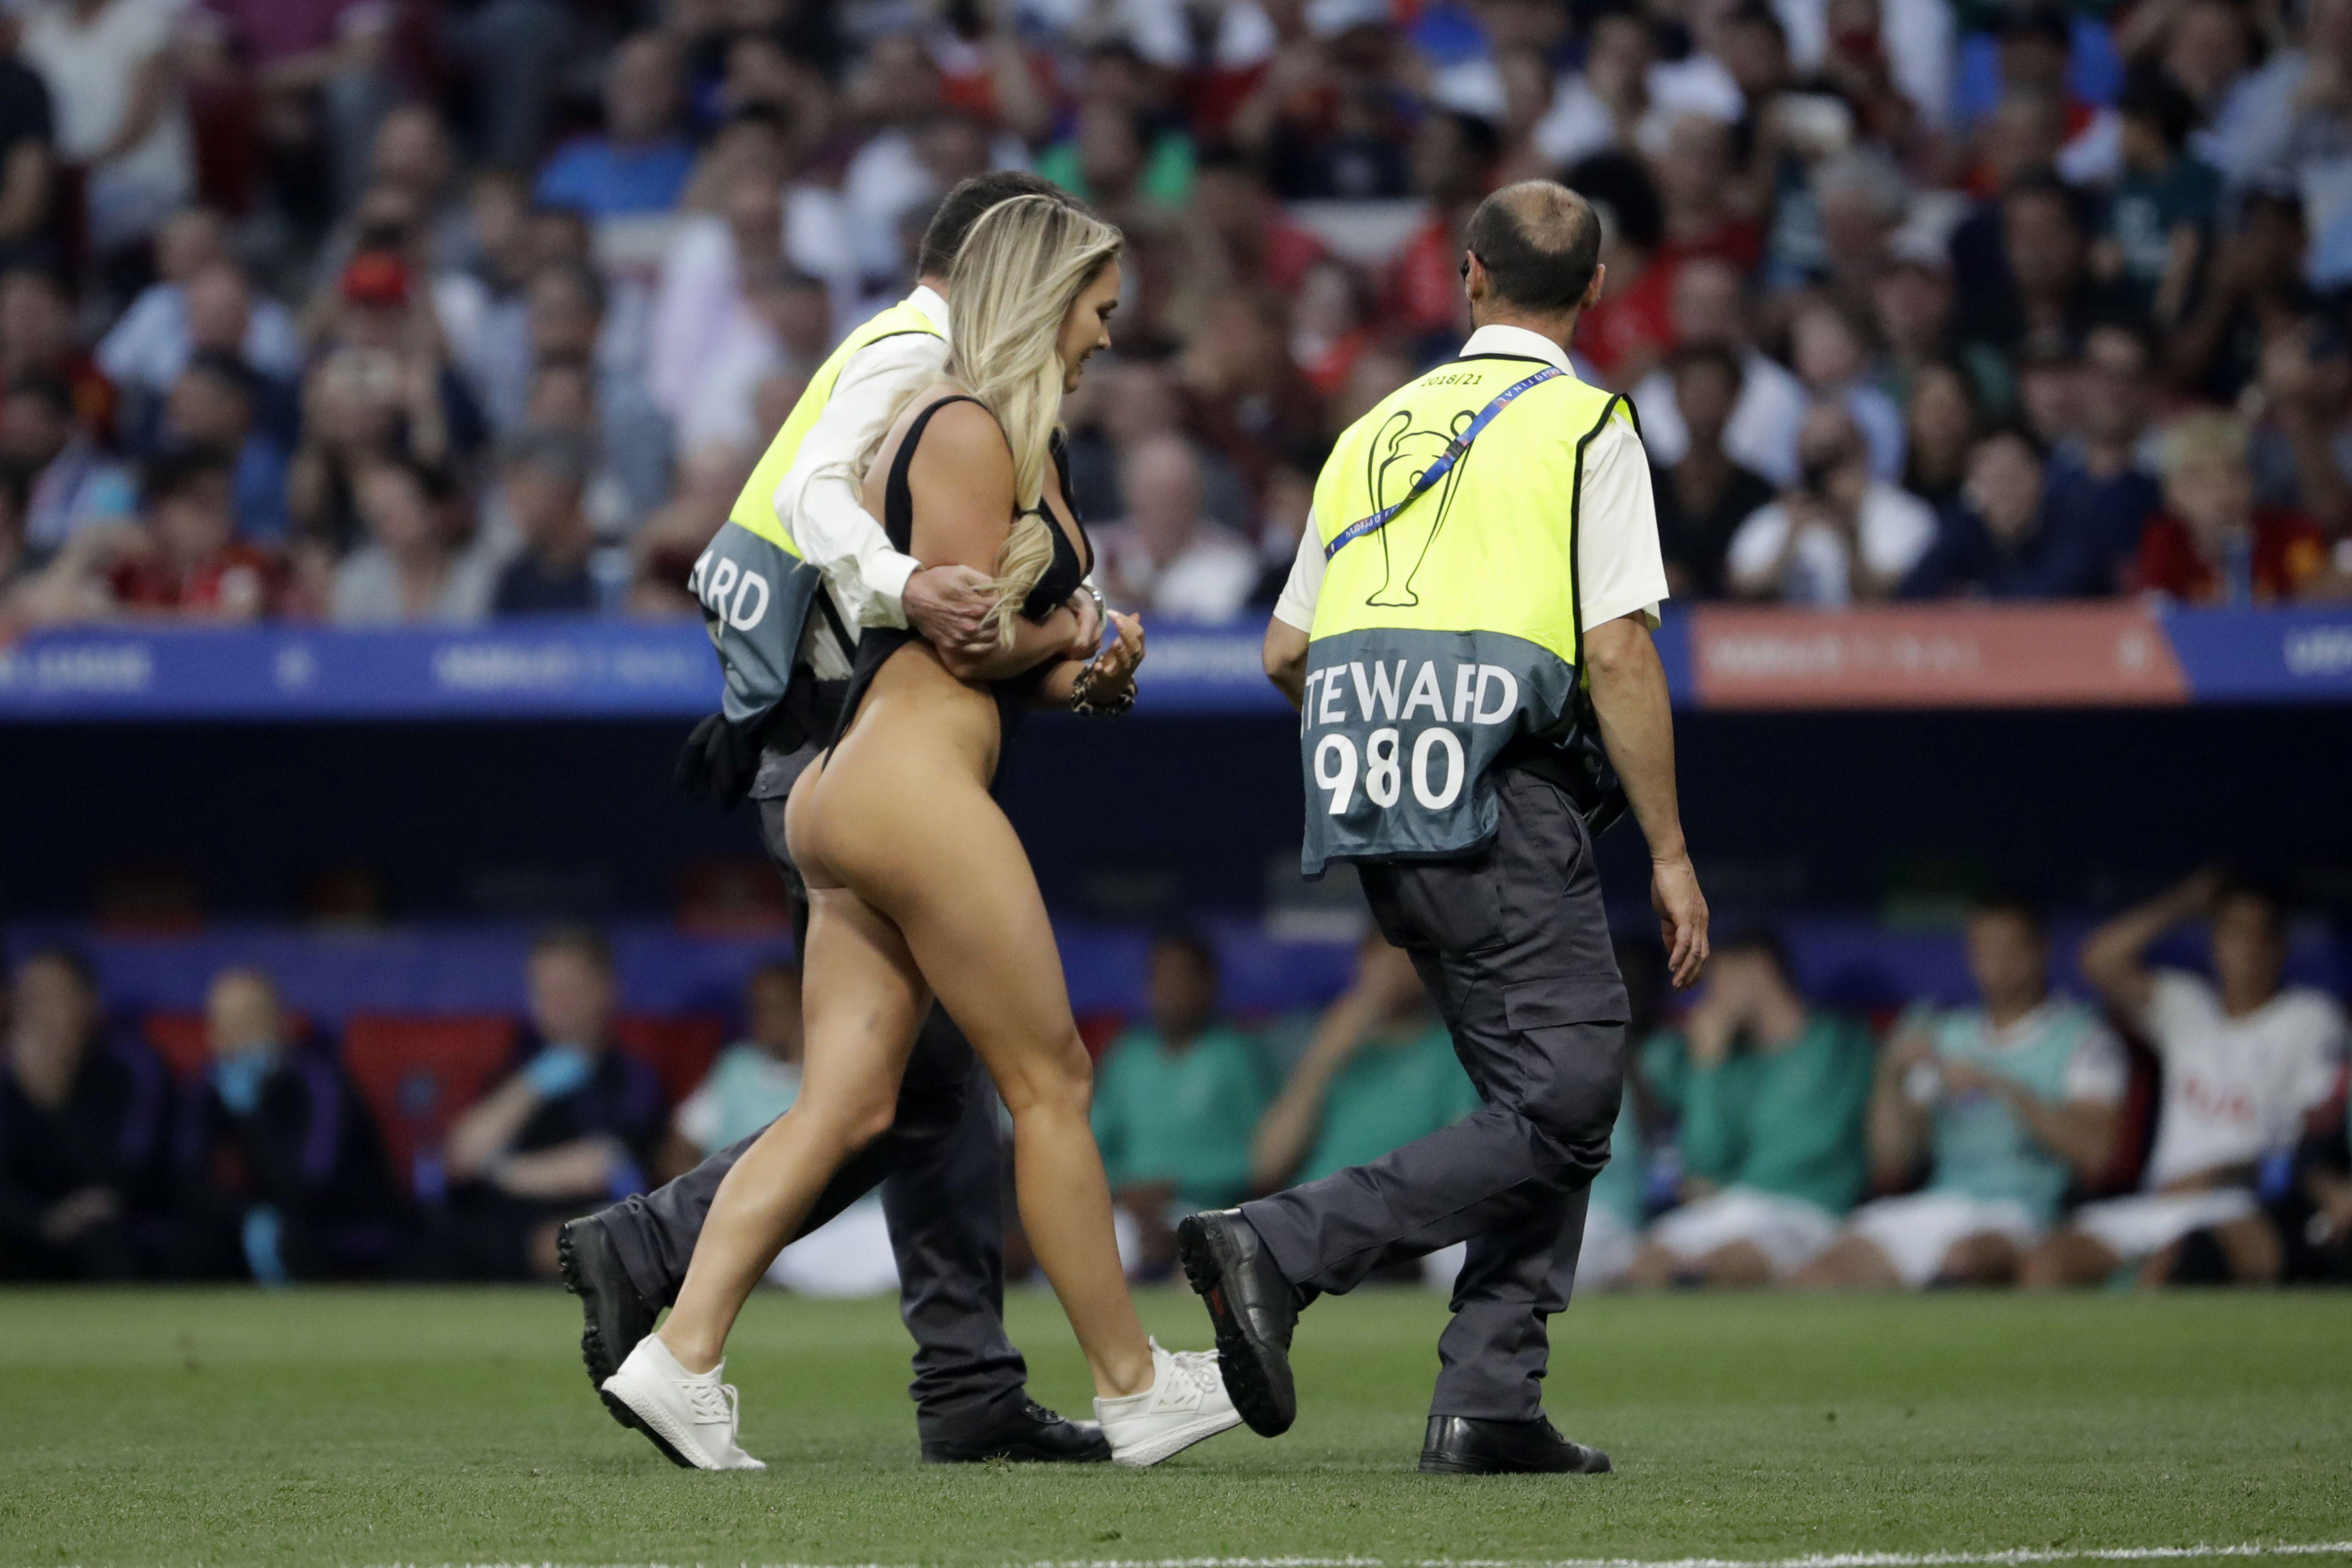 Девушка выбежала на футбольное поле